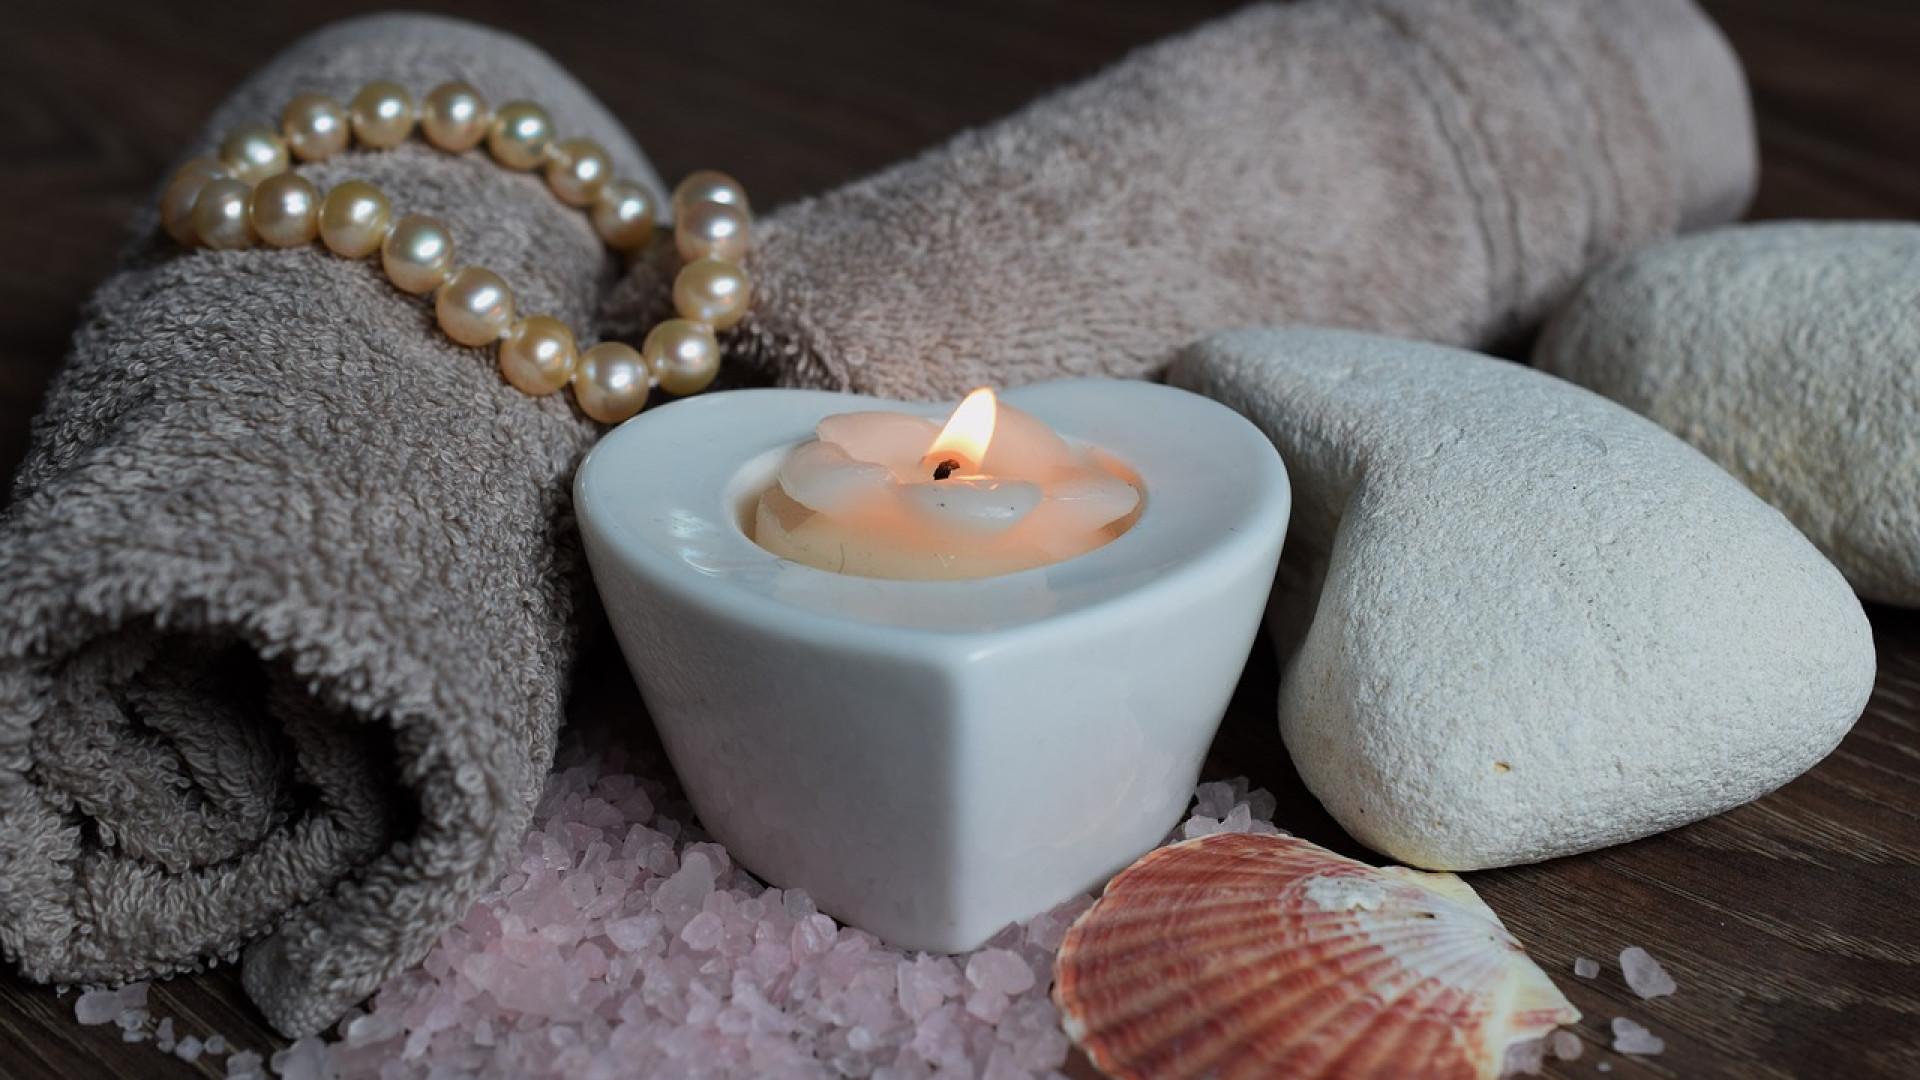 Le spa est-il réellement bénéfique pour votre corps ?